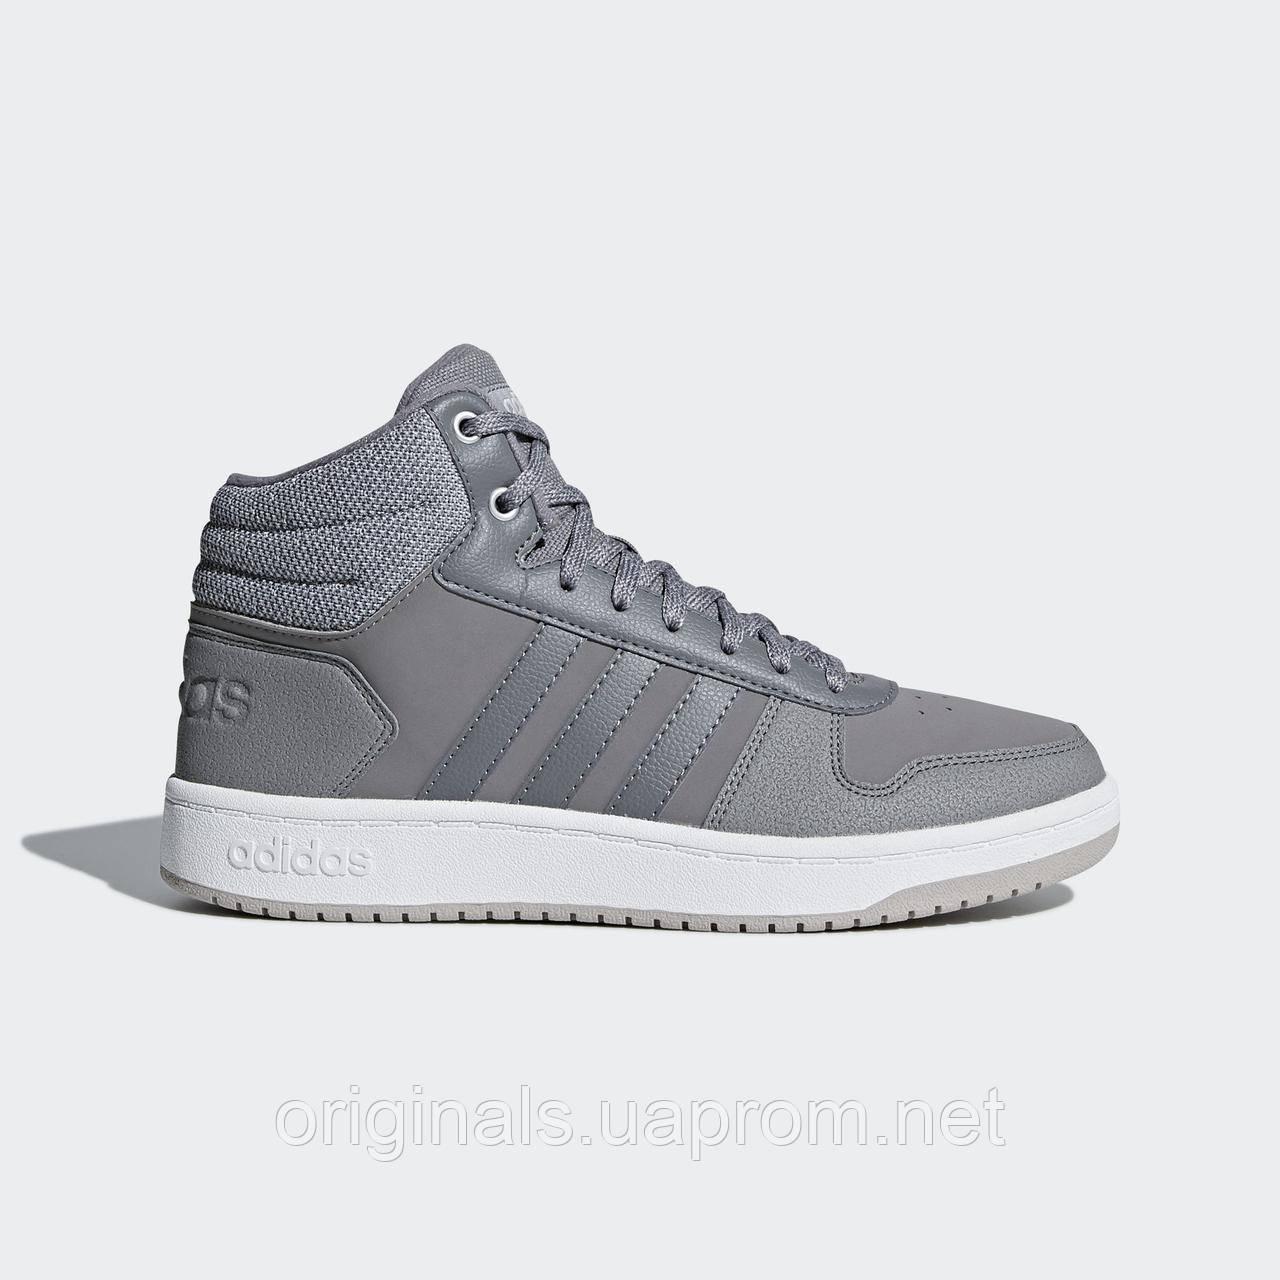 11461a7a Женские кроссовки Adidas Hoops 2.0 Mid B42106 - 2018/2 - интернет-магазин  Originals